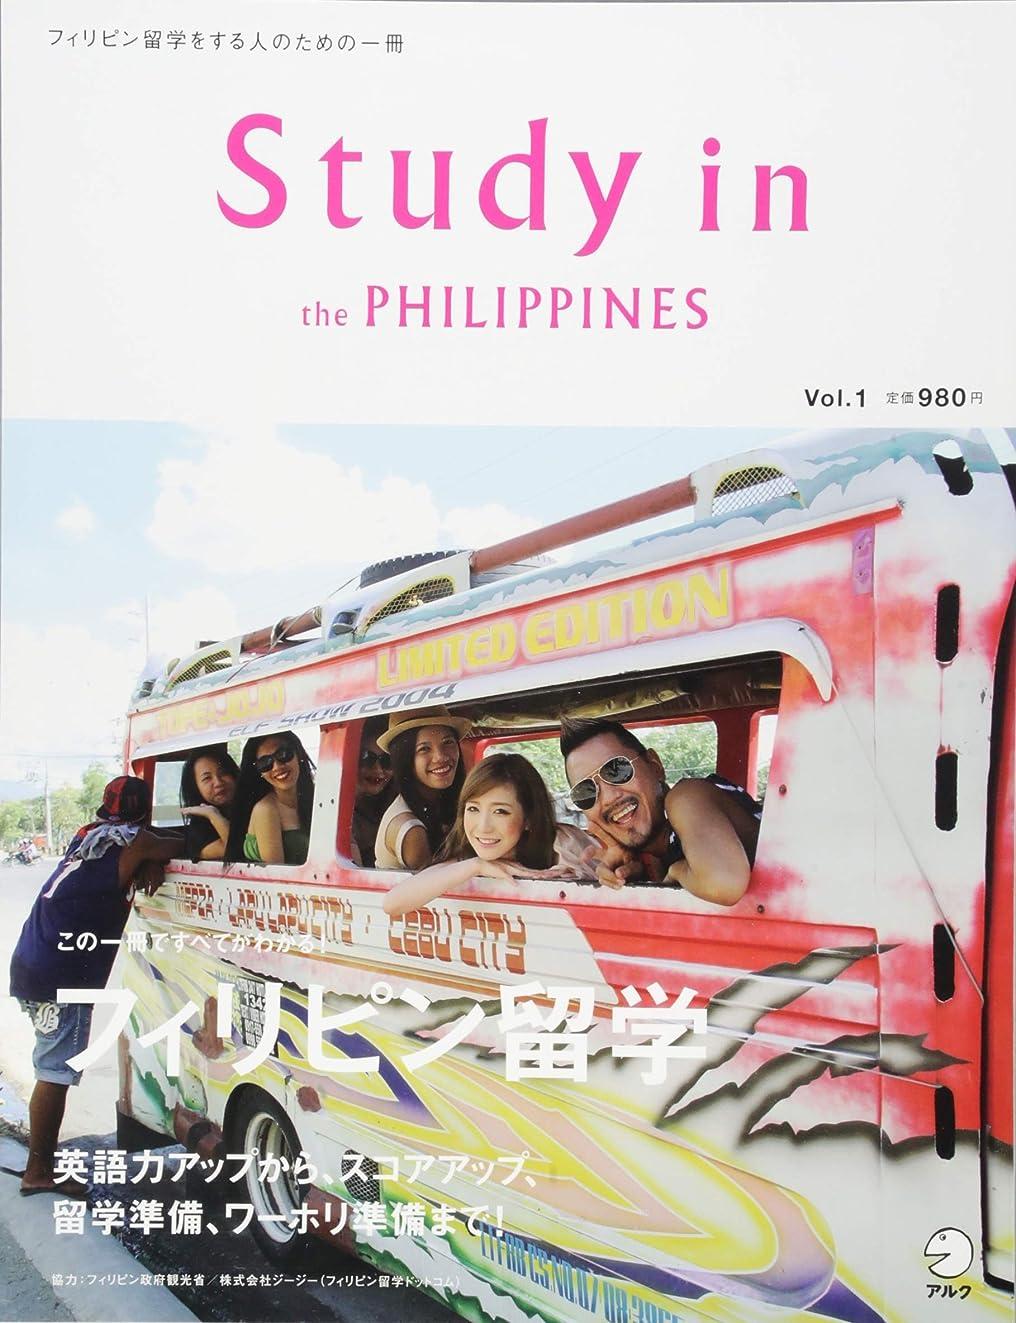 入浴いつでも海外留学がキャリアと人生に与えるインパクト:大規模調査による留学の効果測定